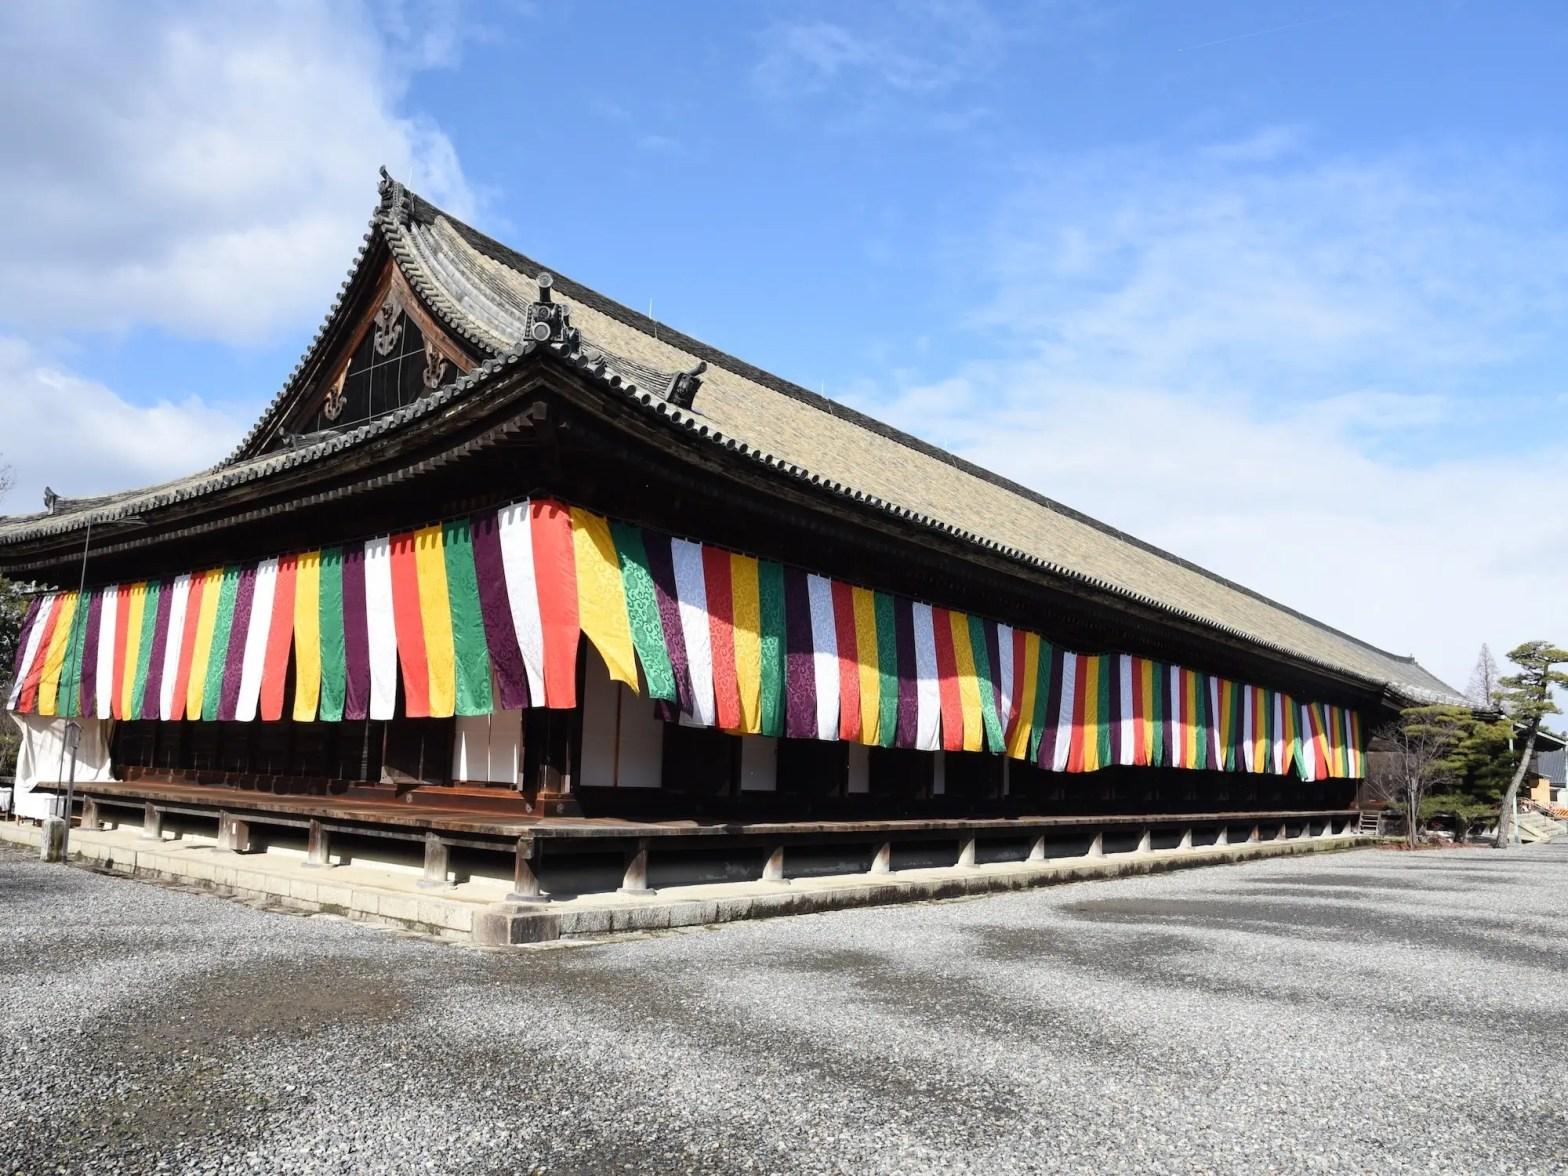 Welke hoofdstad heette tot 1868 Edo?